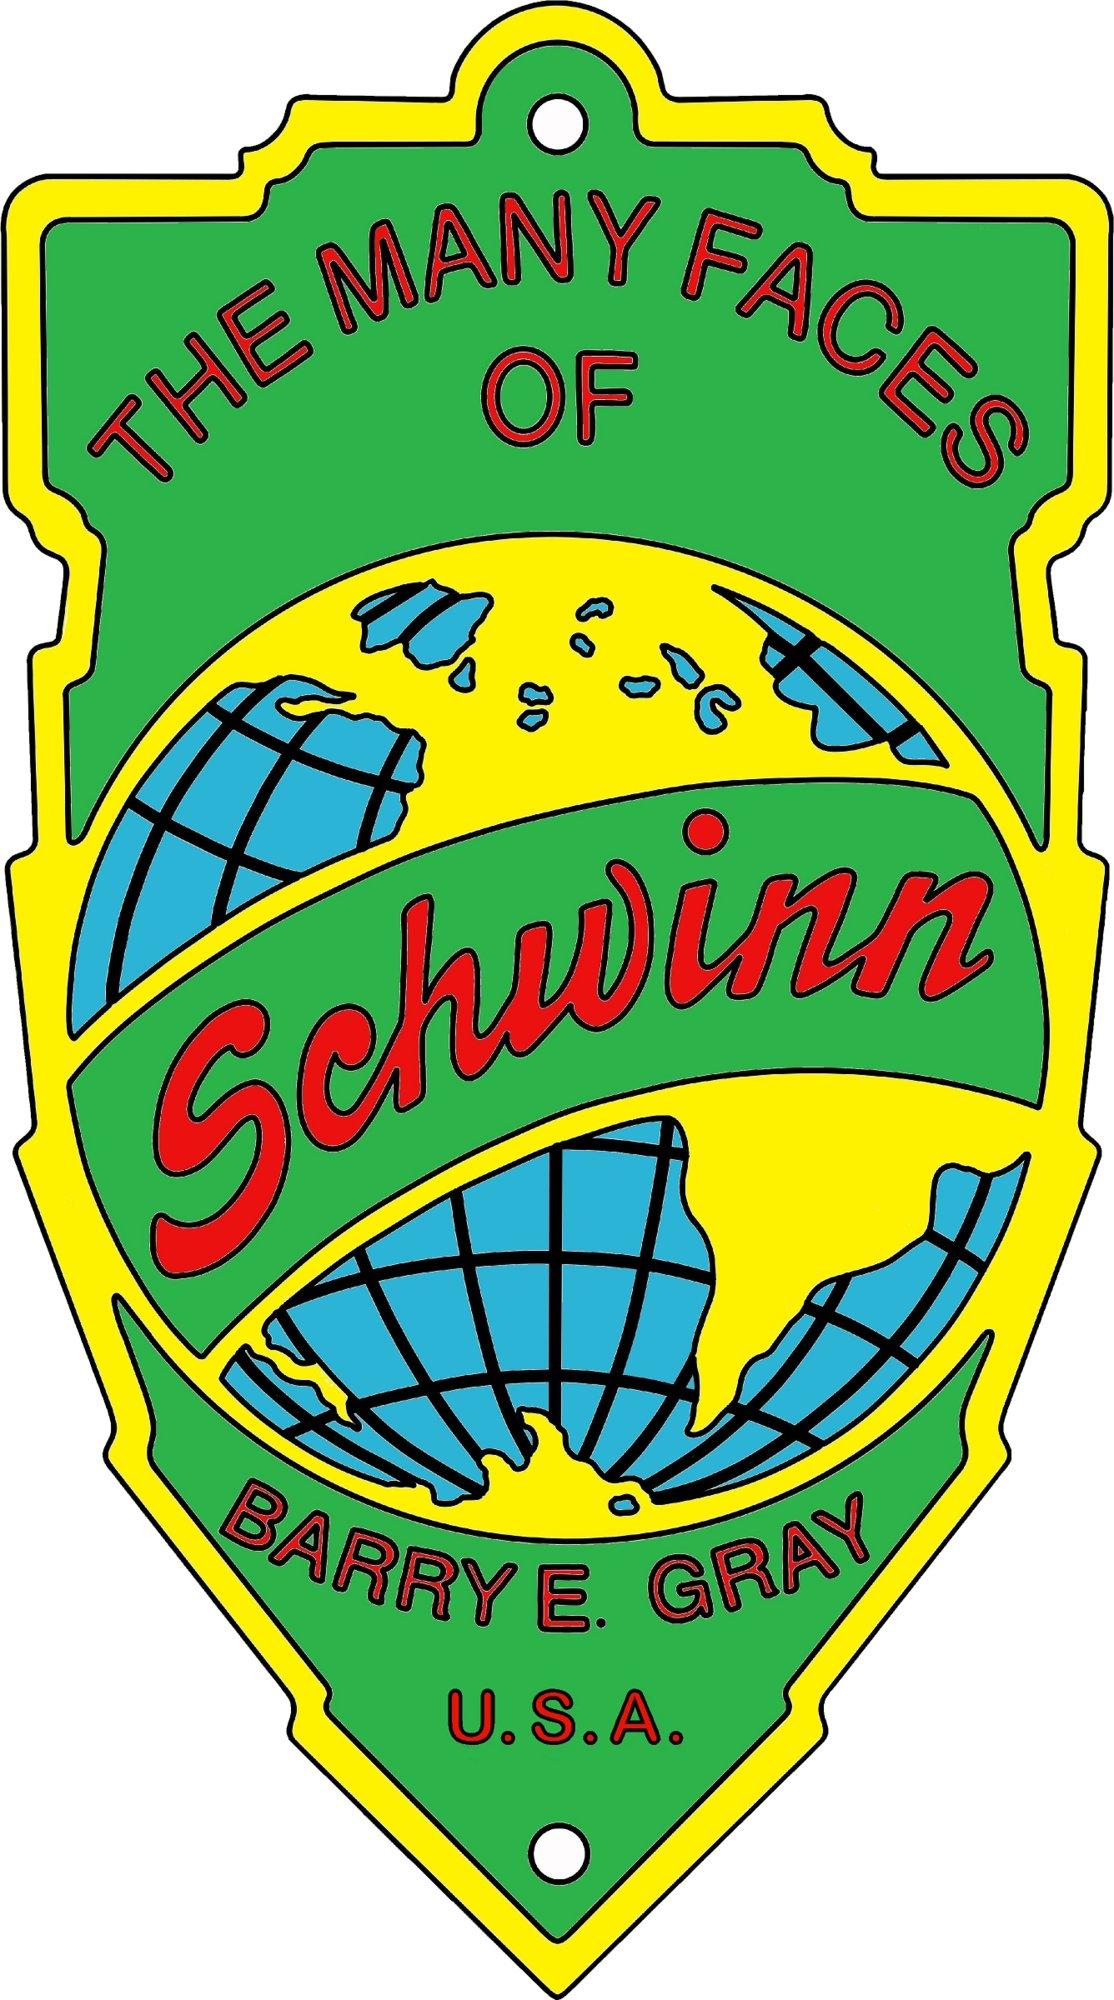 Schwinn Decal final draft high resolution.jpg